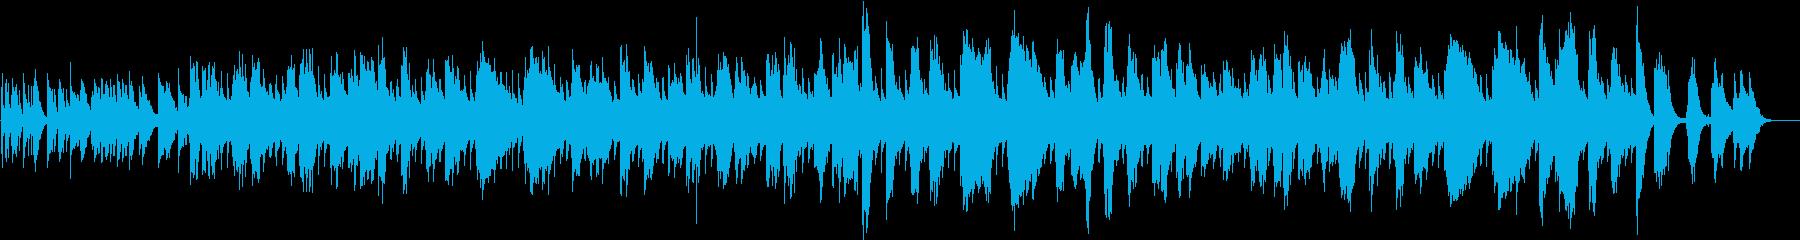 ラブソングの再生済みの波形